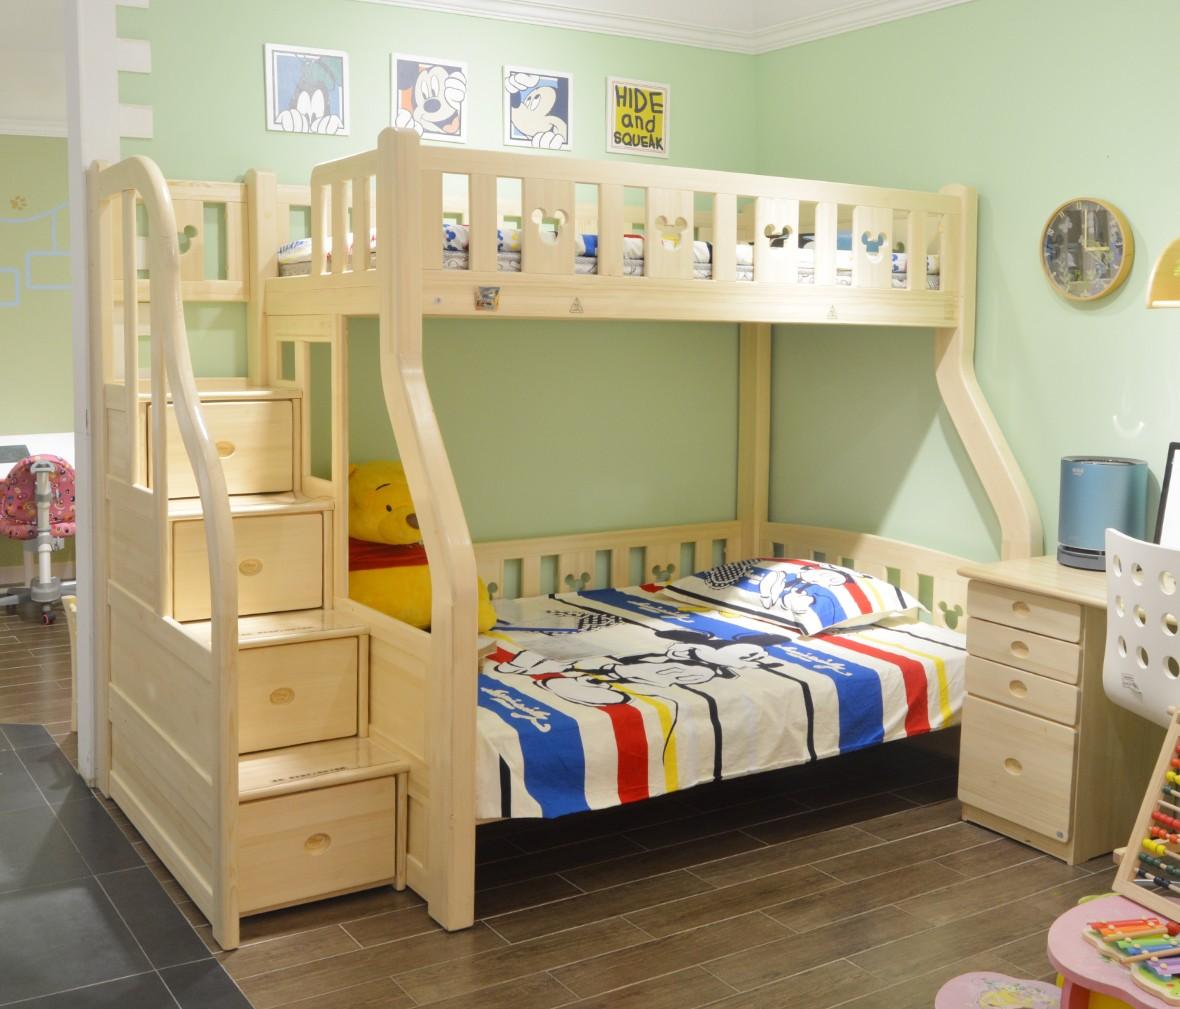 酷漫居儿童家具 KMS-A301-135.1型号上下床 芬兰松木材质 商品情景